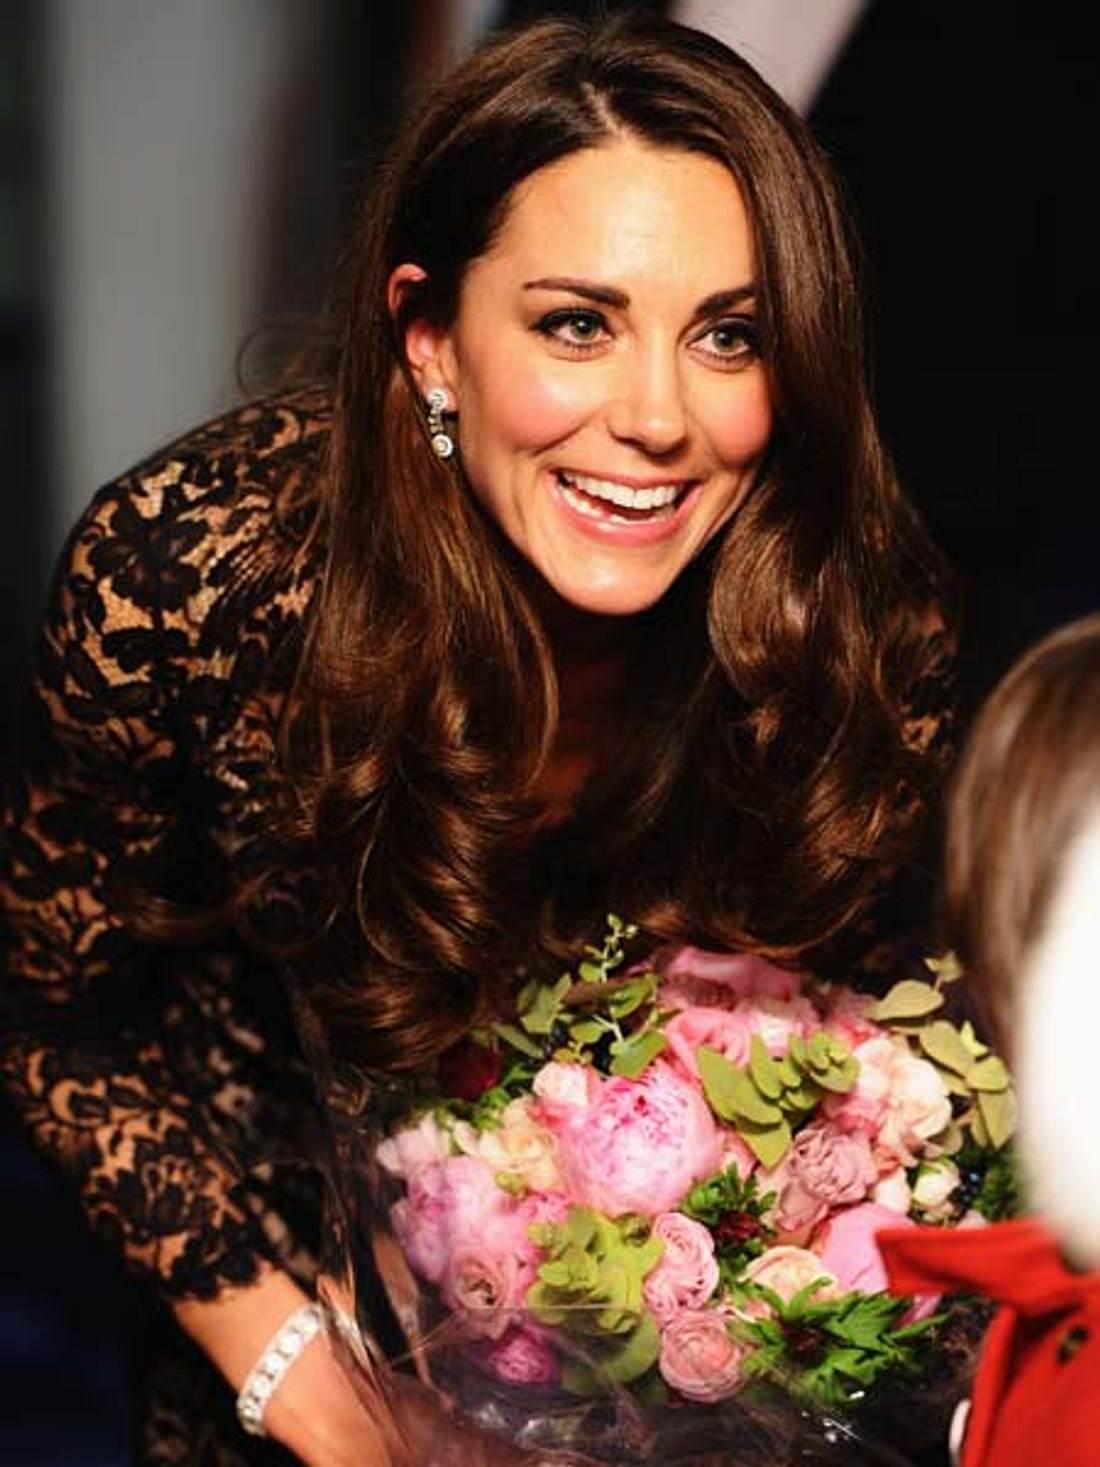 Herzogin Catherine hat offenbar einen gut gefüllten Kleiderschrank